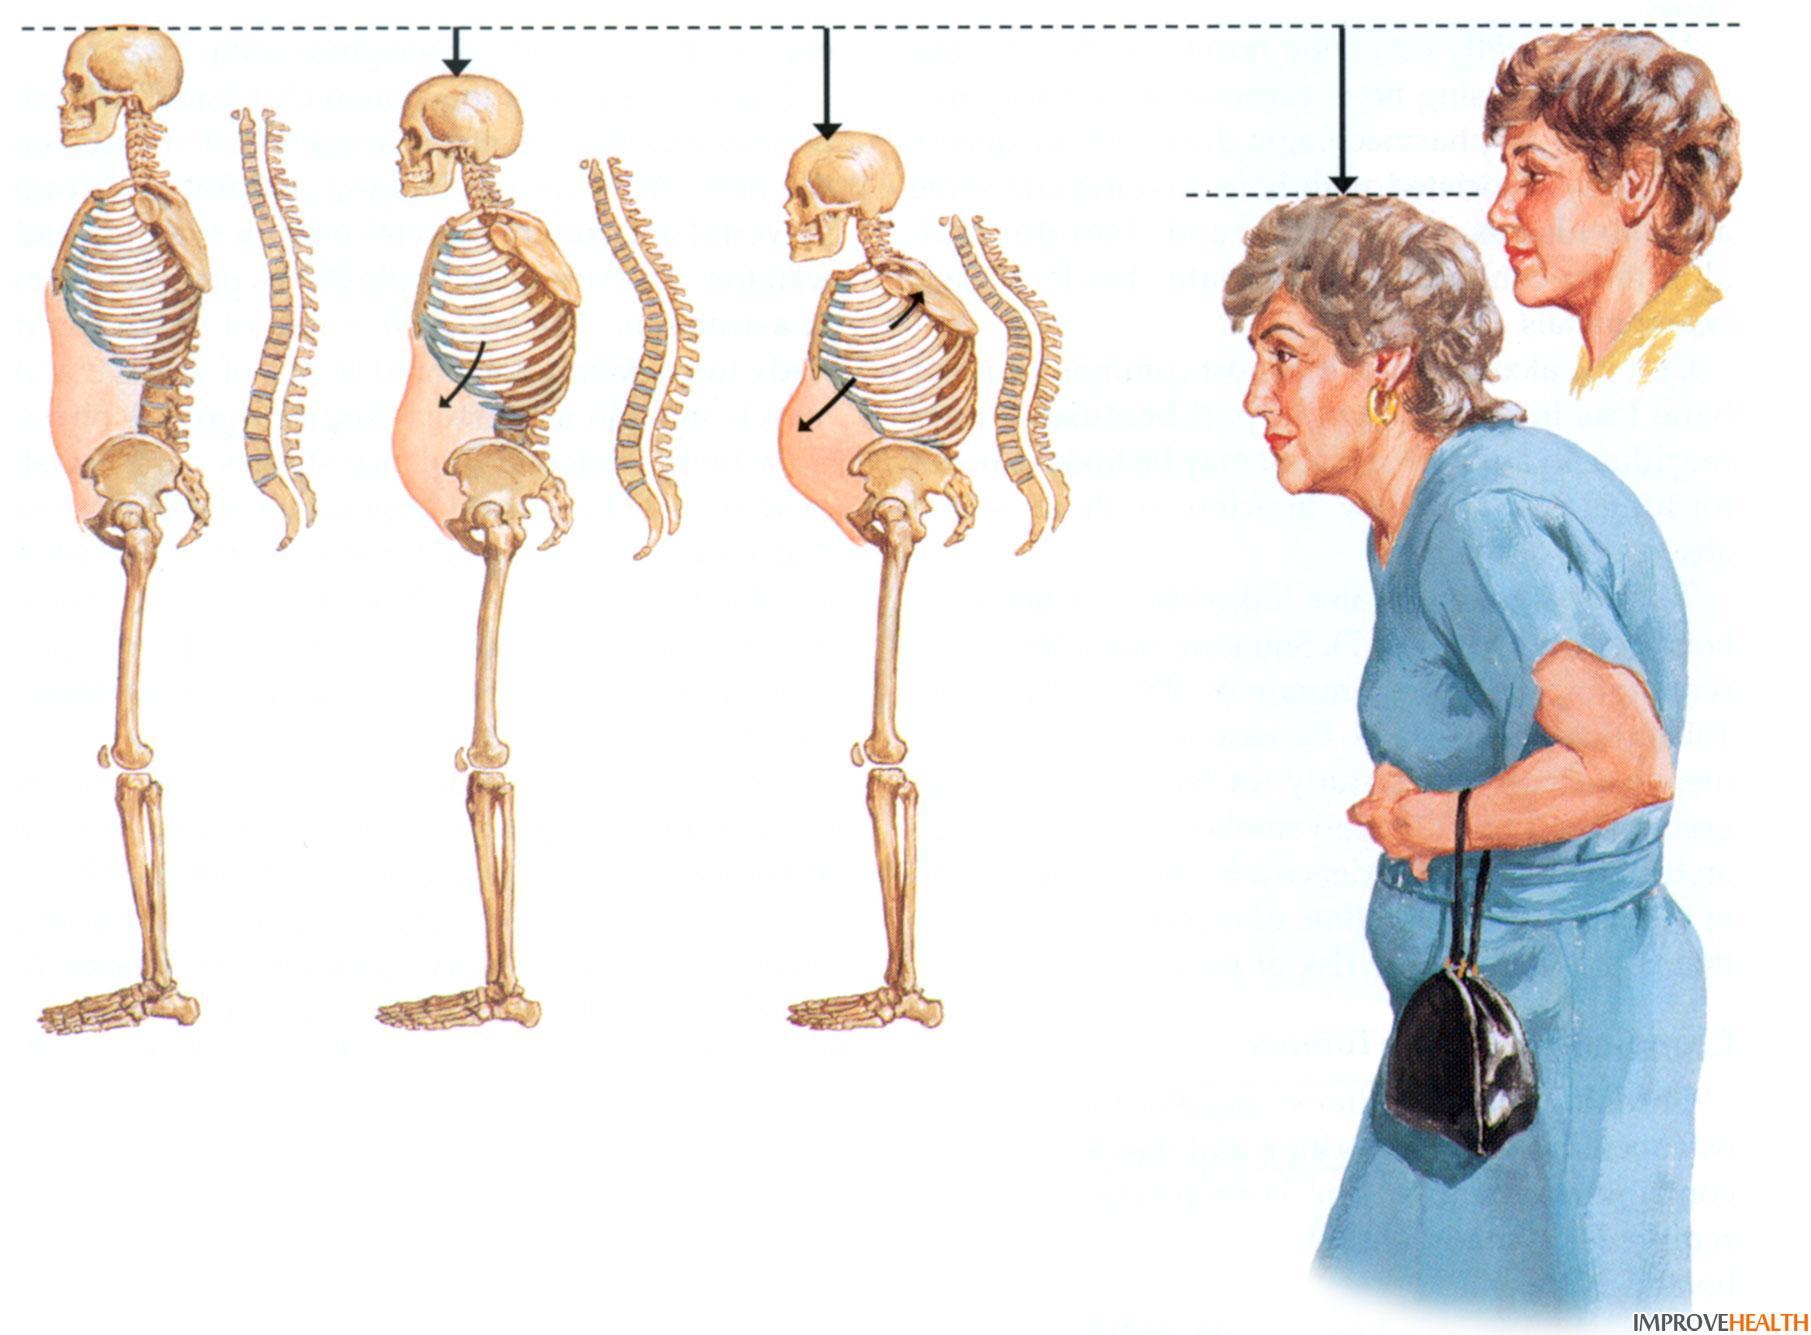 Остеопороз: симптомы, стадии поражения, причины